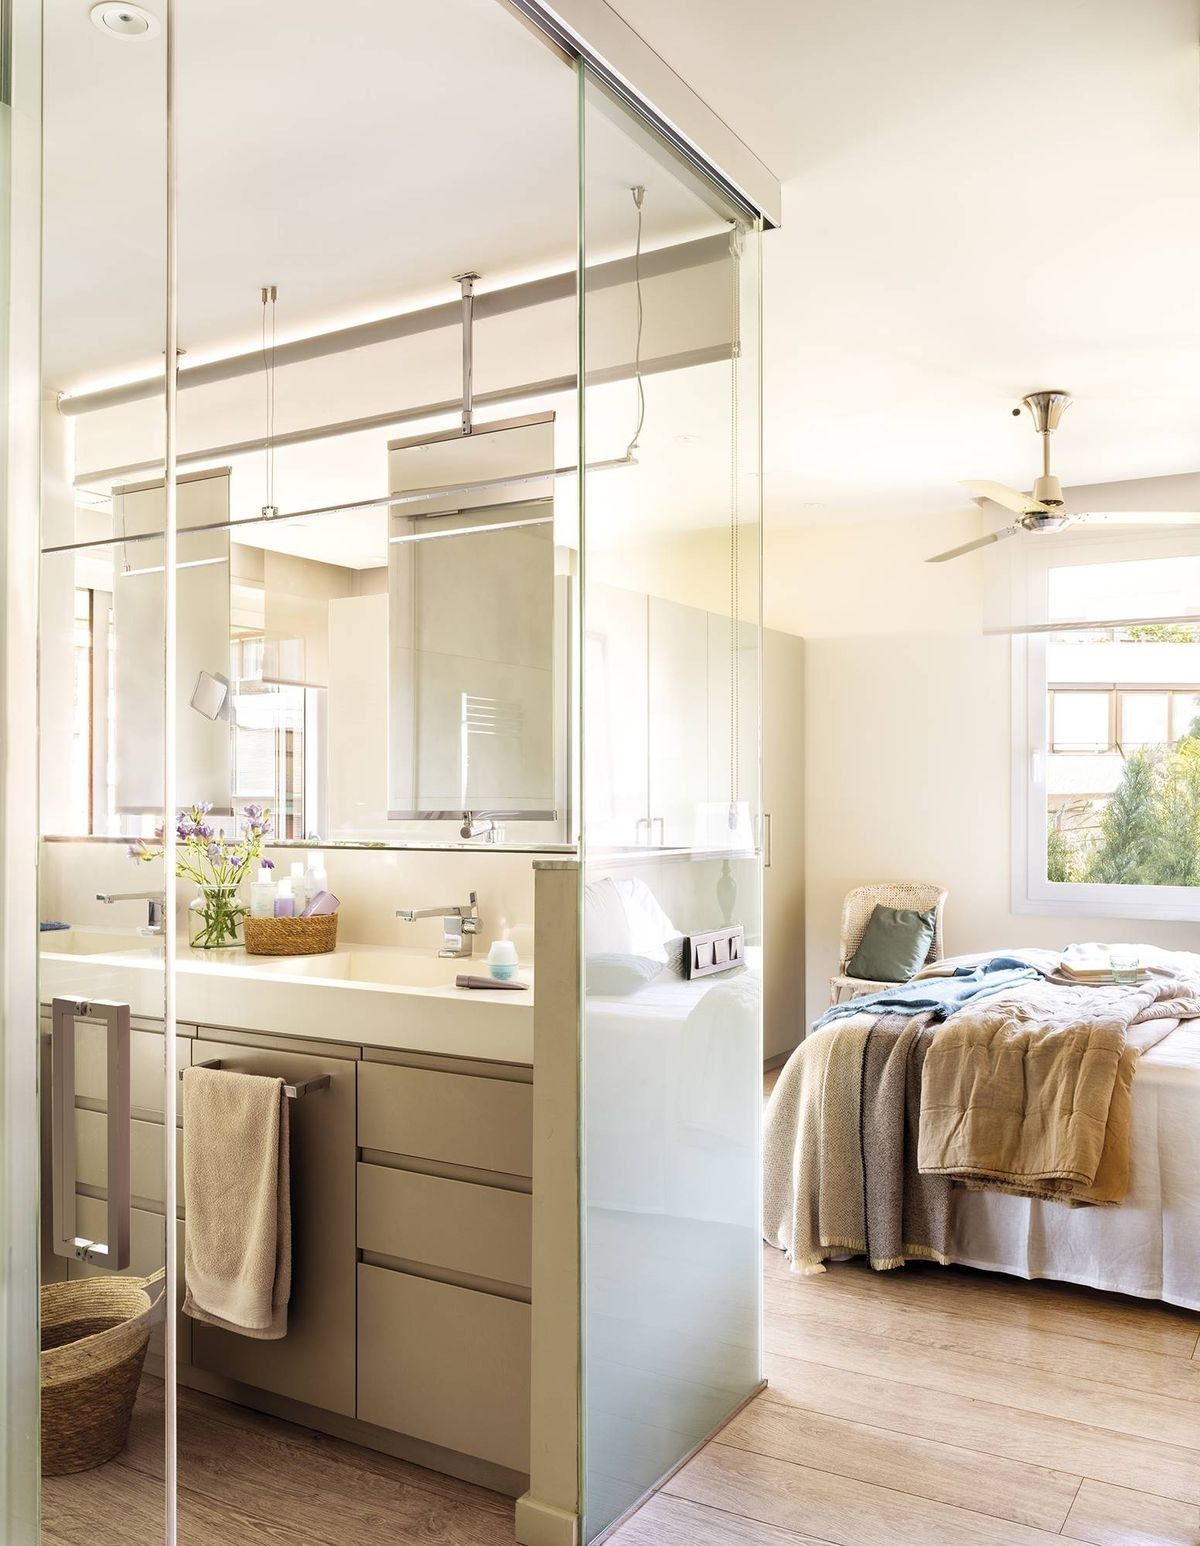 Come ricavare un bagno in camera da letto? (Guida completa